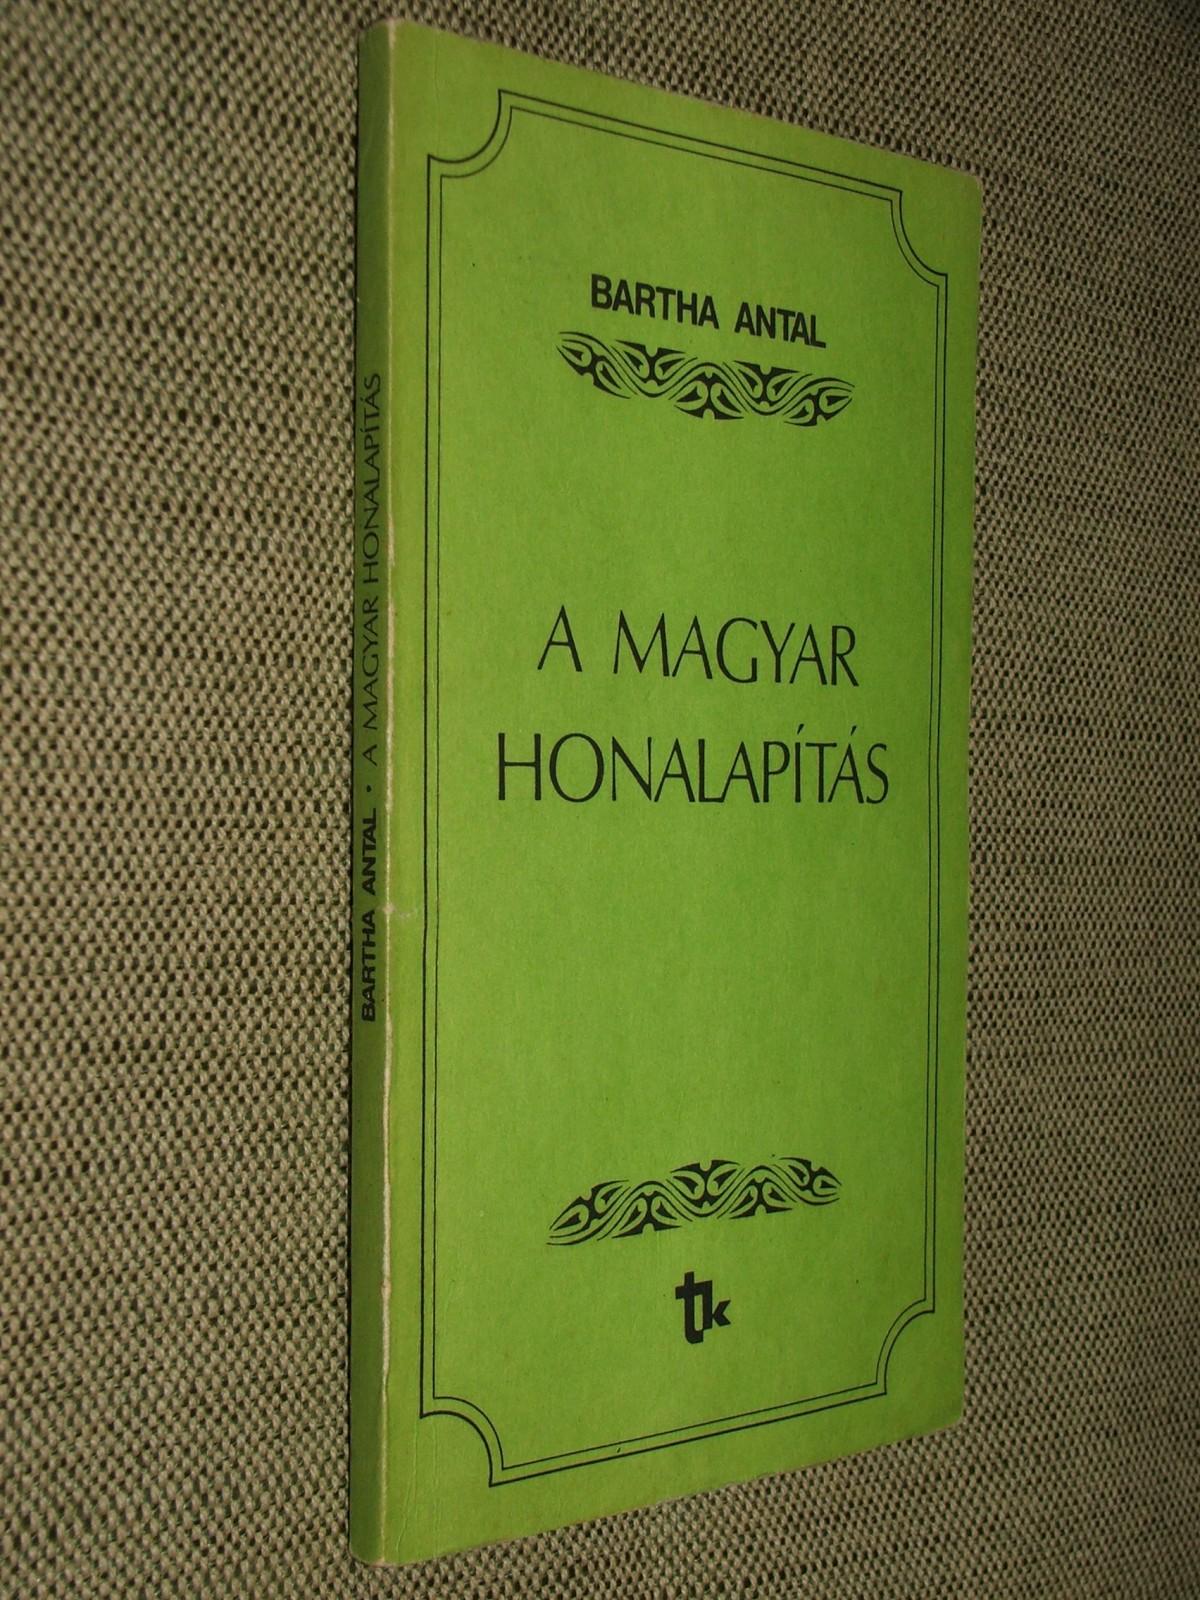 BARTHA Antal: A magyar honalapítás